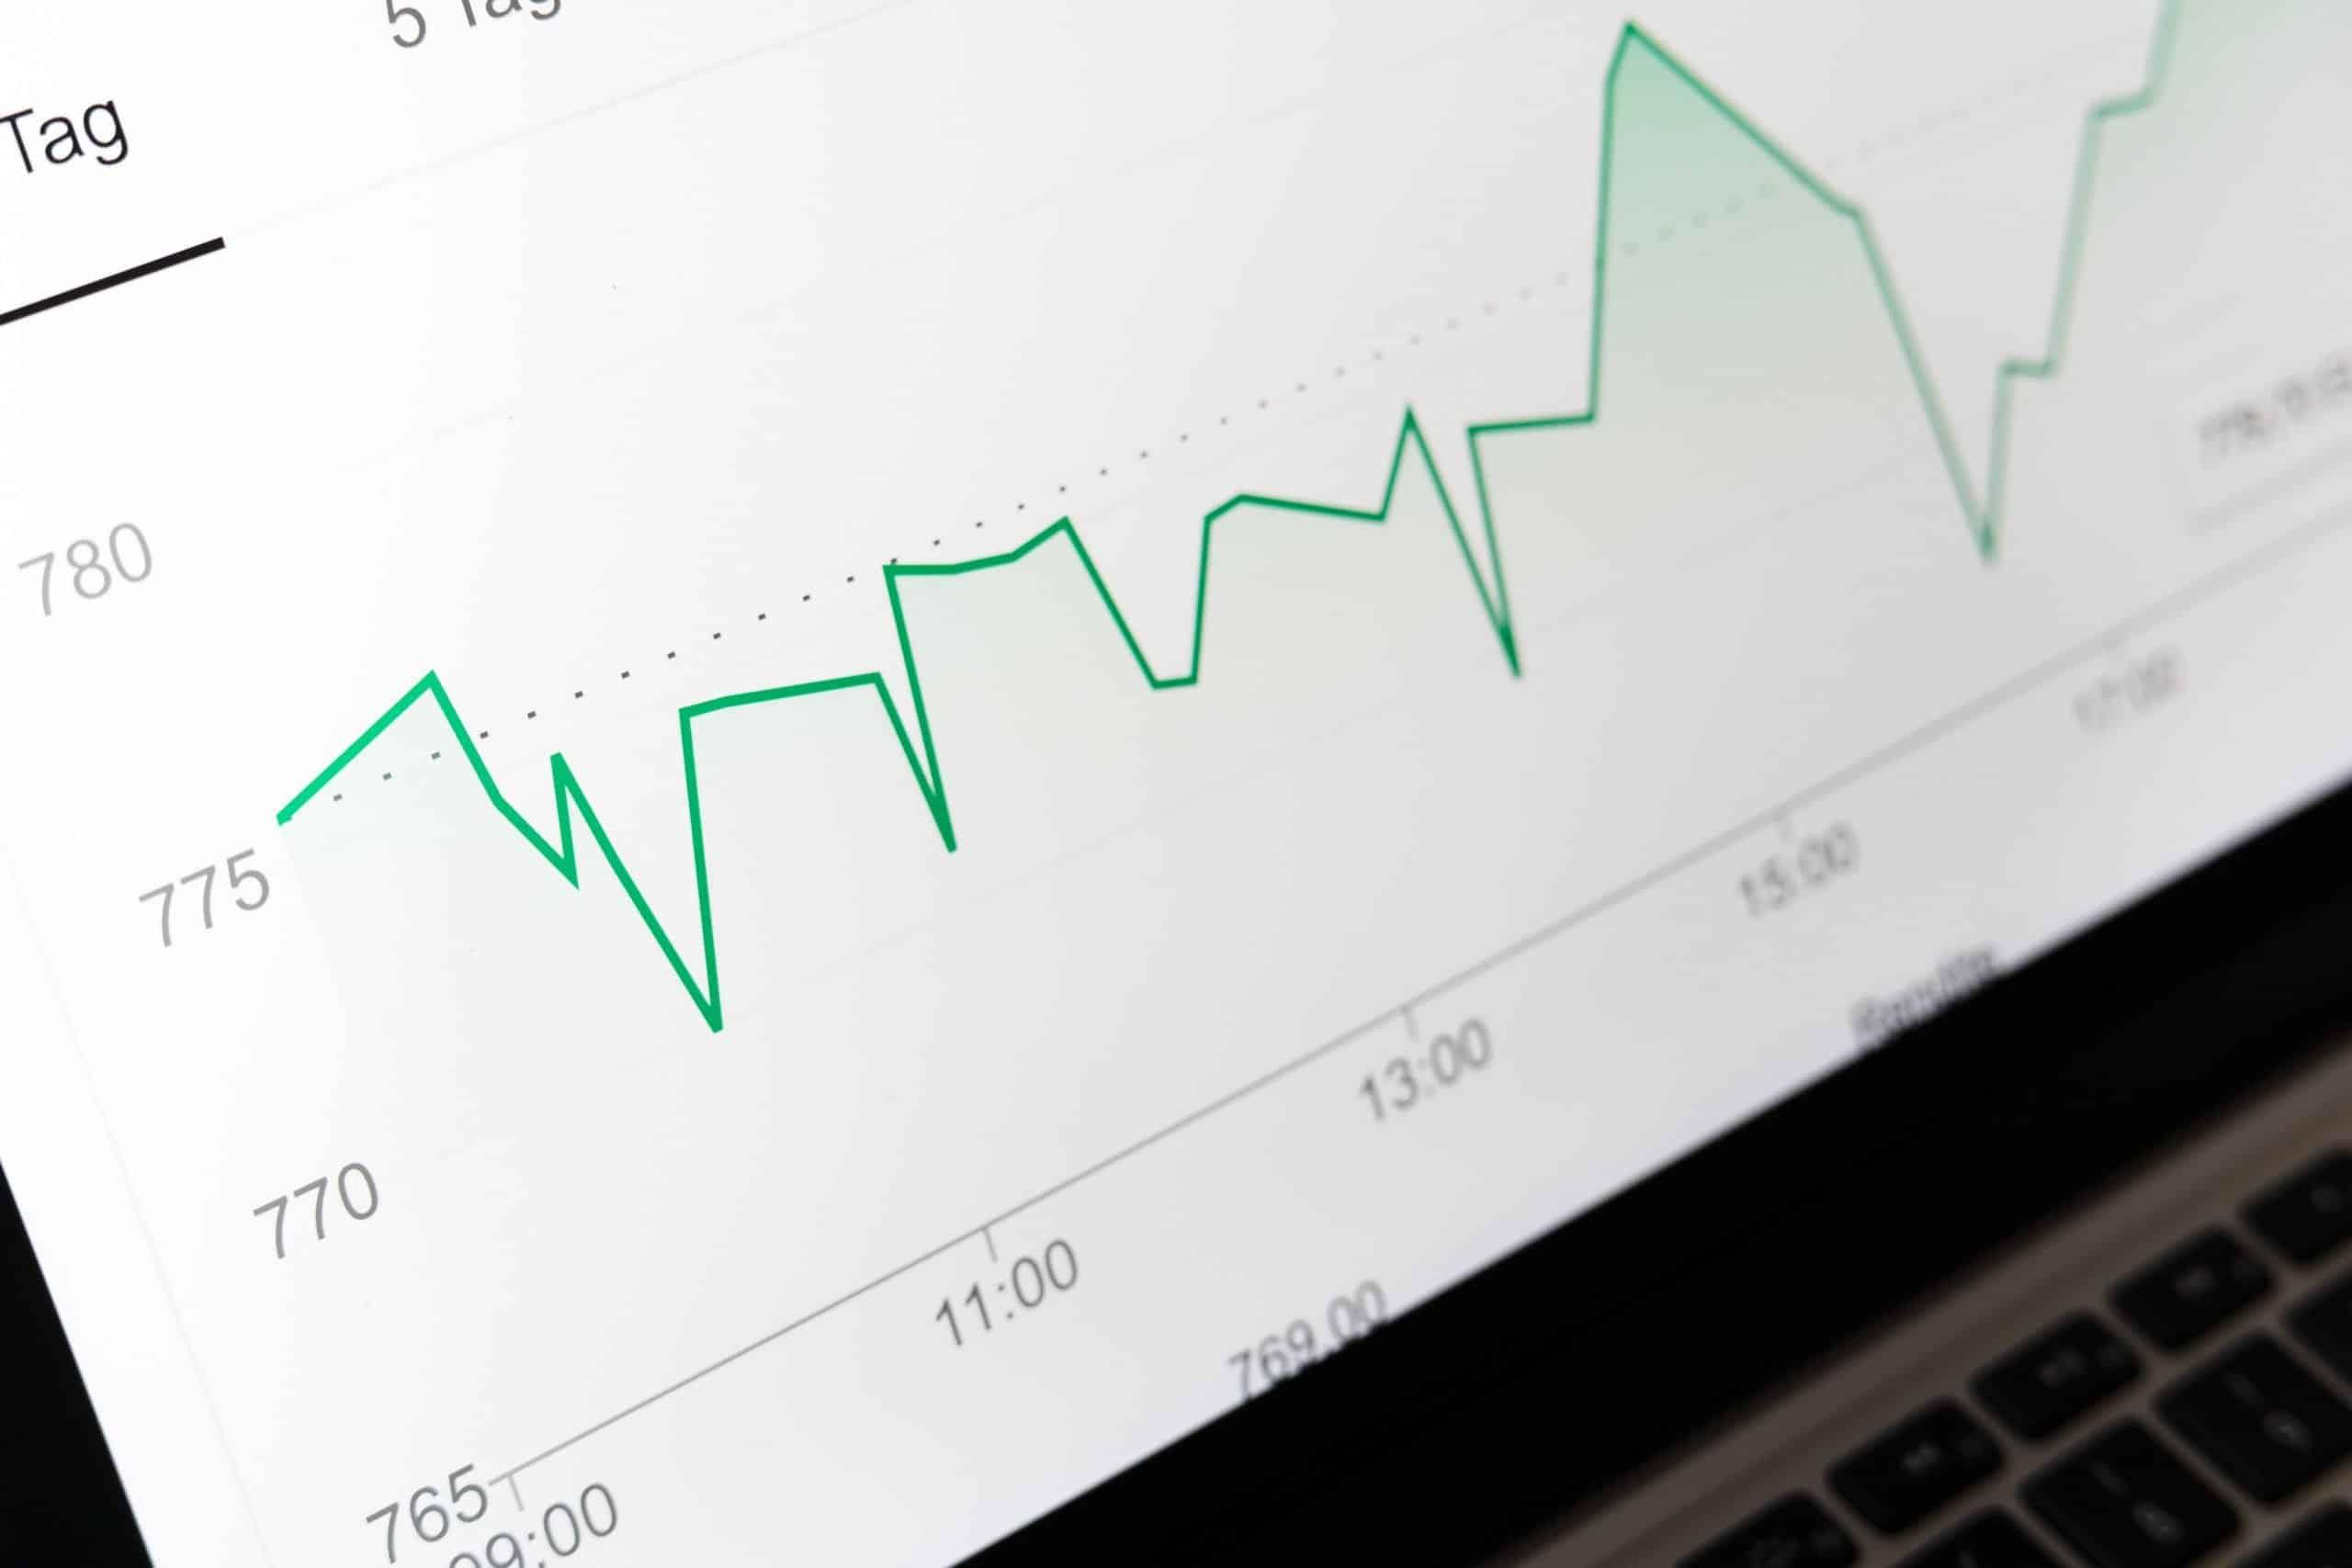 hogyan lehet pénzt keresni a tőzsdén kereskedési opciókkal satoshi percenként